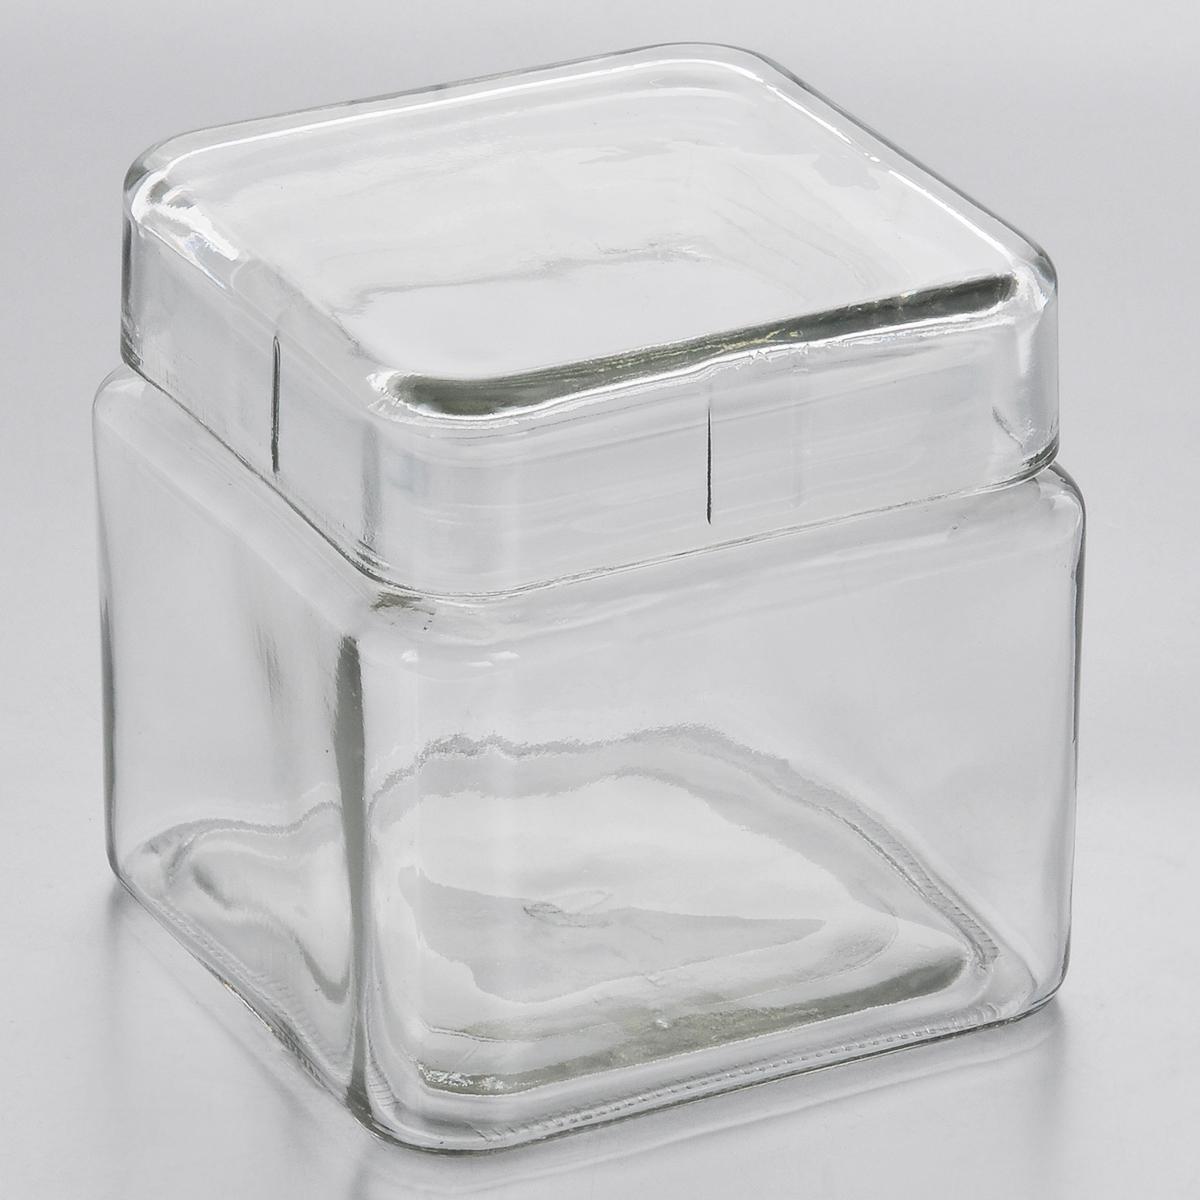 Емкость для хранения Esprado Cristella, 800 млC040801E405Емкость для хранения Esprado Cristella изготовлена из качественного прозрачного стекла,отполированного до идеального блеска и гладкости. Изделие имеет квадратную форму. Стеклотермостойкое, что позволяет использовать емкость Esprado при различных температурах (от -15° С до +100°С). Это делает ее функциональным и универсальным кухонным аксессуаром. Емкостьпрекрасно подходит для хранения кофе, орехов, сахара, специй и других сыпучих продуктов.Крышка плотно закрывается и легко открывается благодаря силиконовой прослойке. Этообеспечивает герметичность и дольше сохраняет продукты свежими.Благодаря различным дизайнерским решениям такая емкость дополнит и украсит интерьерлюбой кухни.Емкости для хранения из коллекции Cristella разработаны на основе эргономичных дизайнерскихрешений, которые позволяют максимально эффективно и рационально использовать кухонныеповерхности. Благодаря универсальному внешнему виду, они будут привлекательно смотреться винтерьере любой кухни.Емкости для хранения незаменимы на кухне: они помогают сохранить свежесть продуктов,защищают от попадания излишней влаги и позволяют эффективно использовать ограниченноекухонное пространство.Не использовать в духовом шкафу, микроволновой печи и посудомоечной машине.